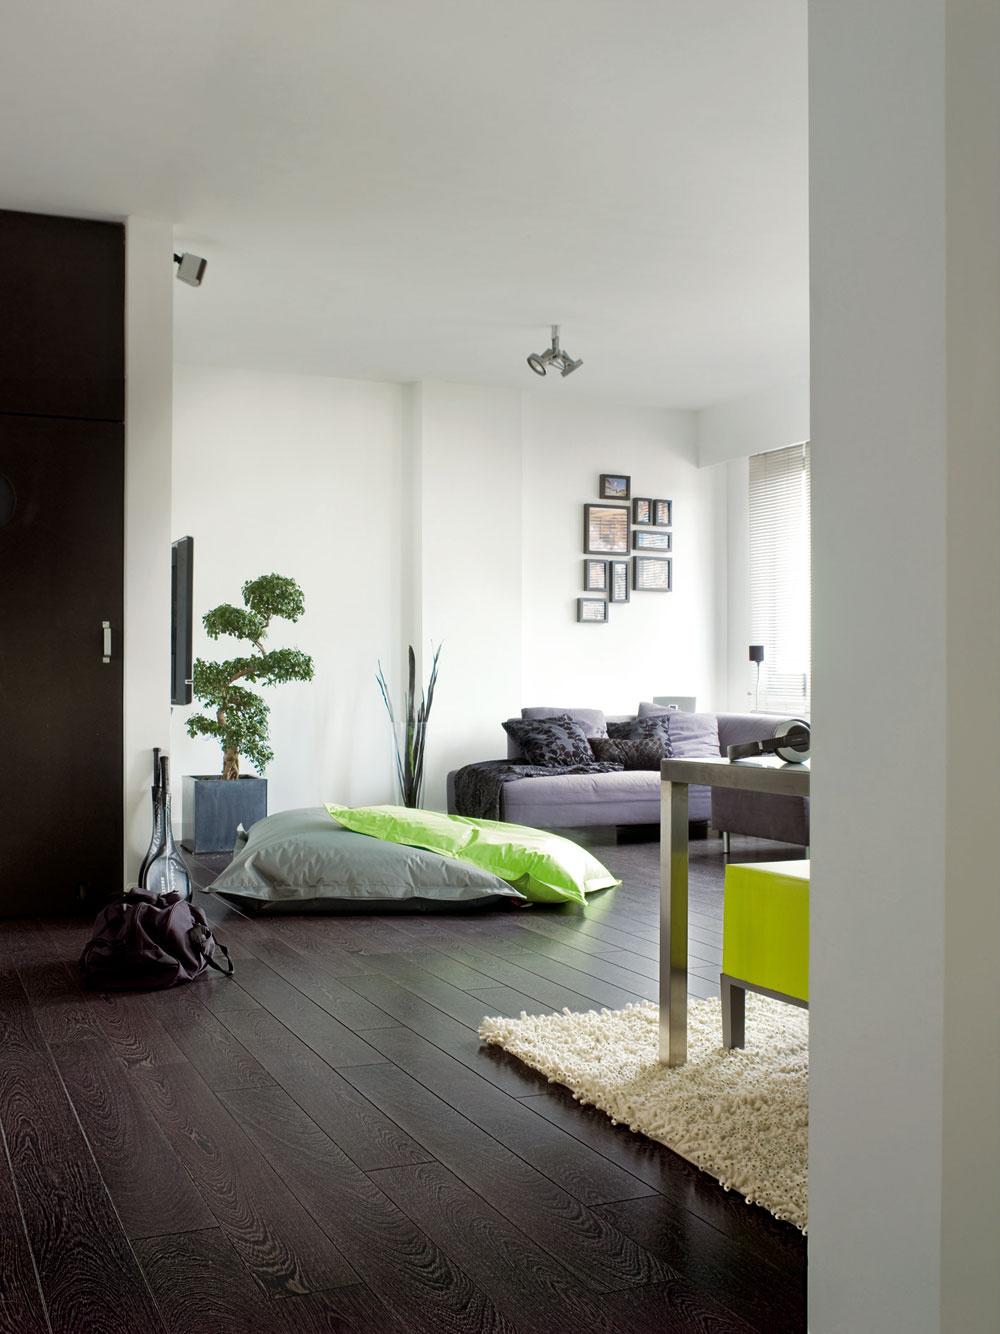 V otvorenom priestore, v ktorom sa stretáva viac funkcií, je moderná materiálová a farebná súhra. Plynulé prechody medzi funkciami vytvárajú harmonické prostredie bez prísne určených pravidiel a vďaka tomu vzniká aj uvoľnená atmosféra. Naozaj veľký priestor znesie aj štýlovú a materiálovú rôznorodosť zariadenia, no aspoň jeden prvok by mal spájať – napríklad rovnaká podlaha.